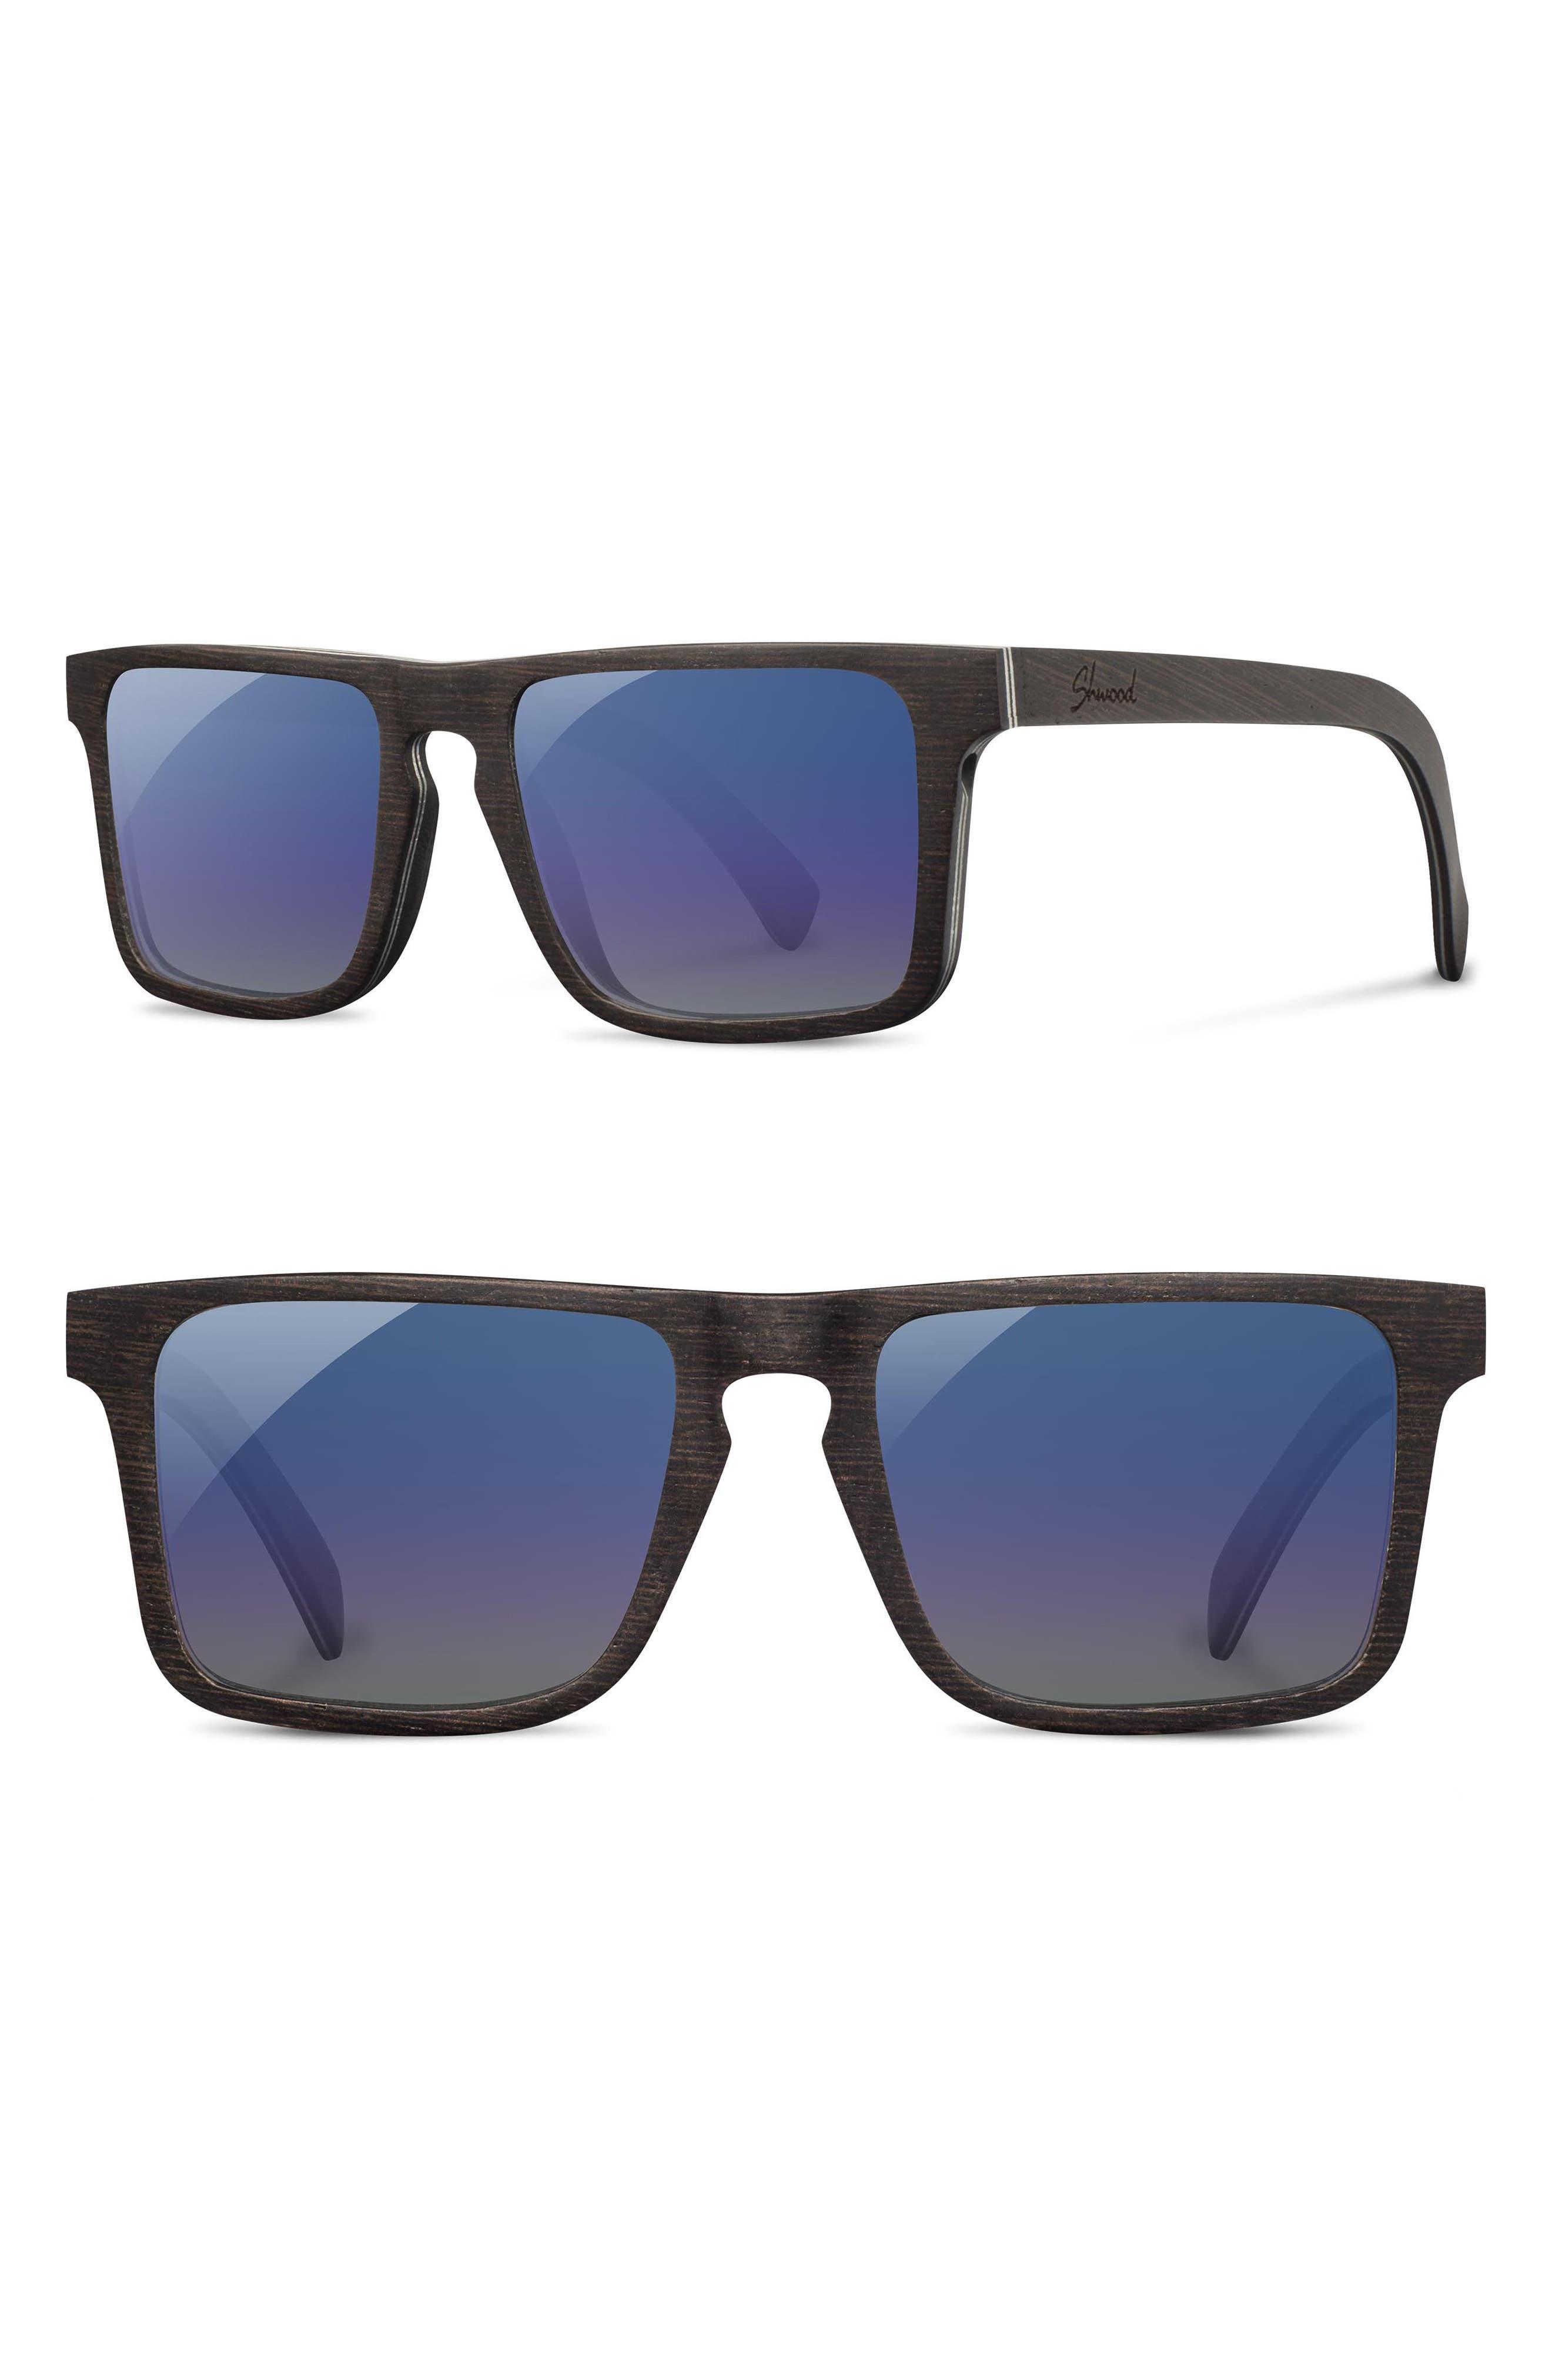 Shwood Govy 2 53mm Polarized Wood Sunglasses